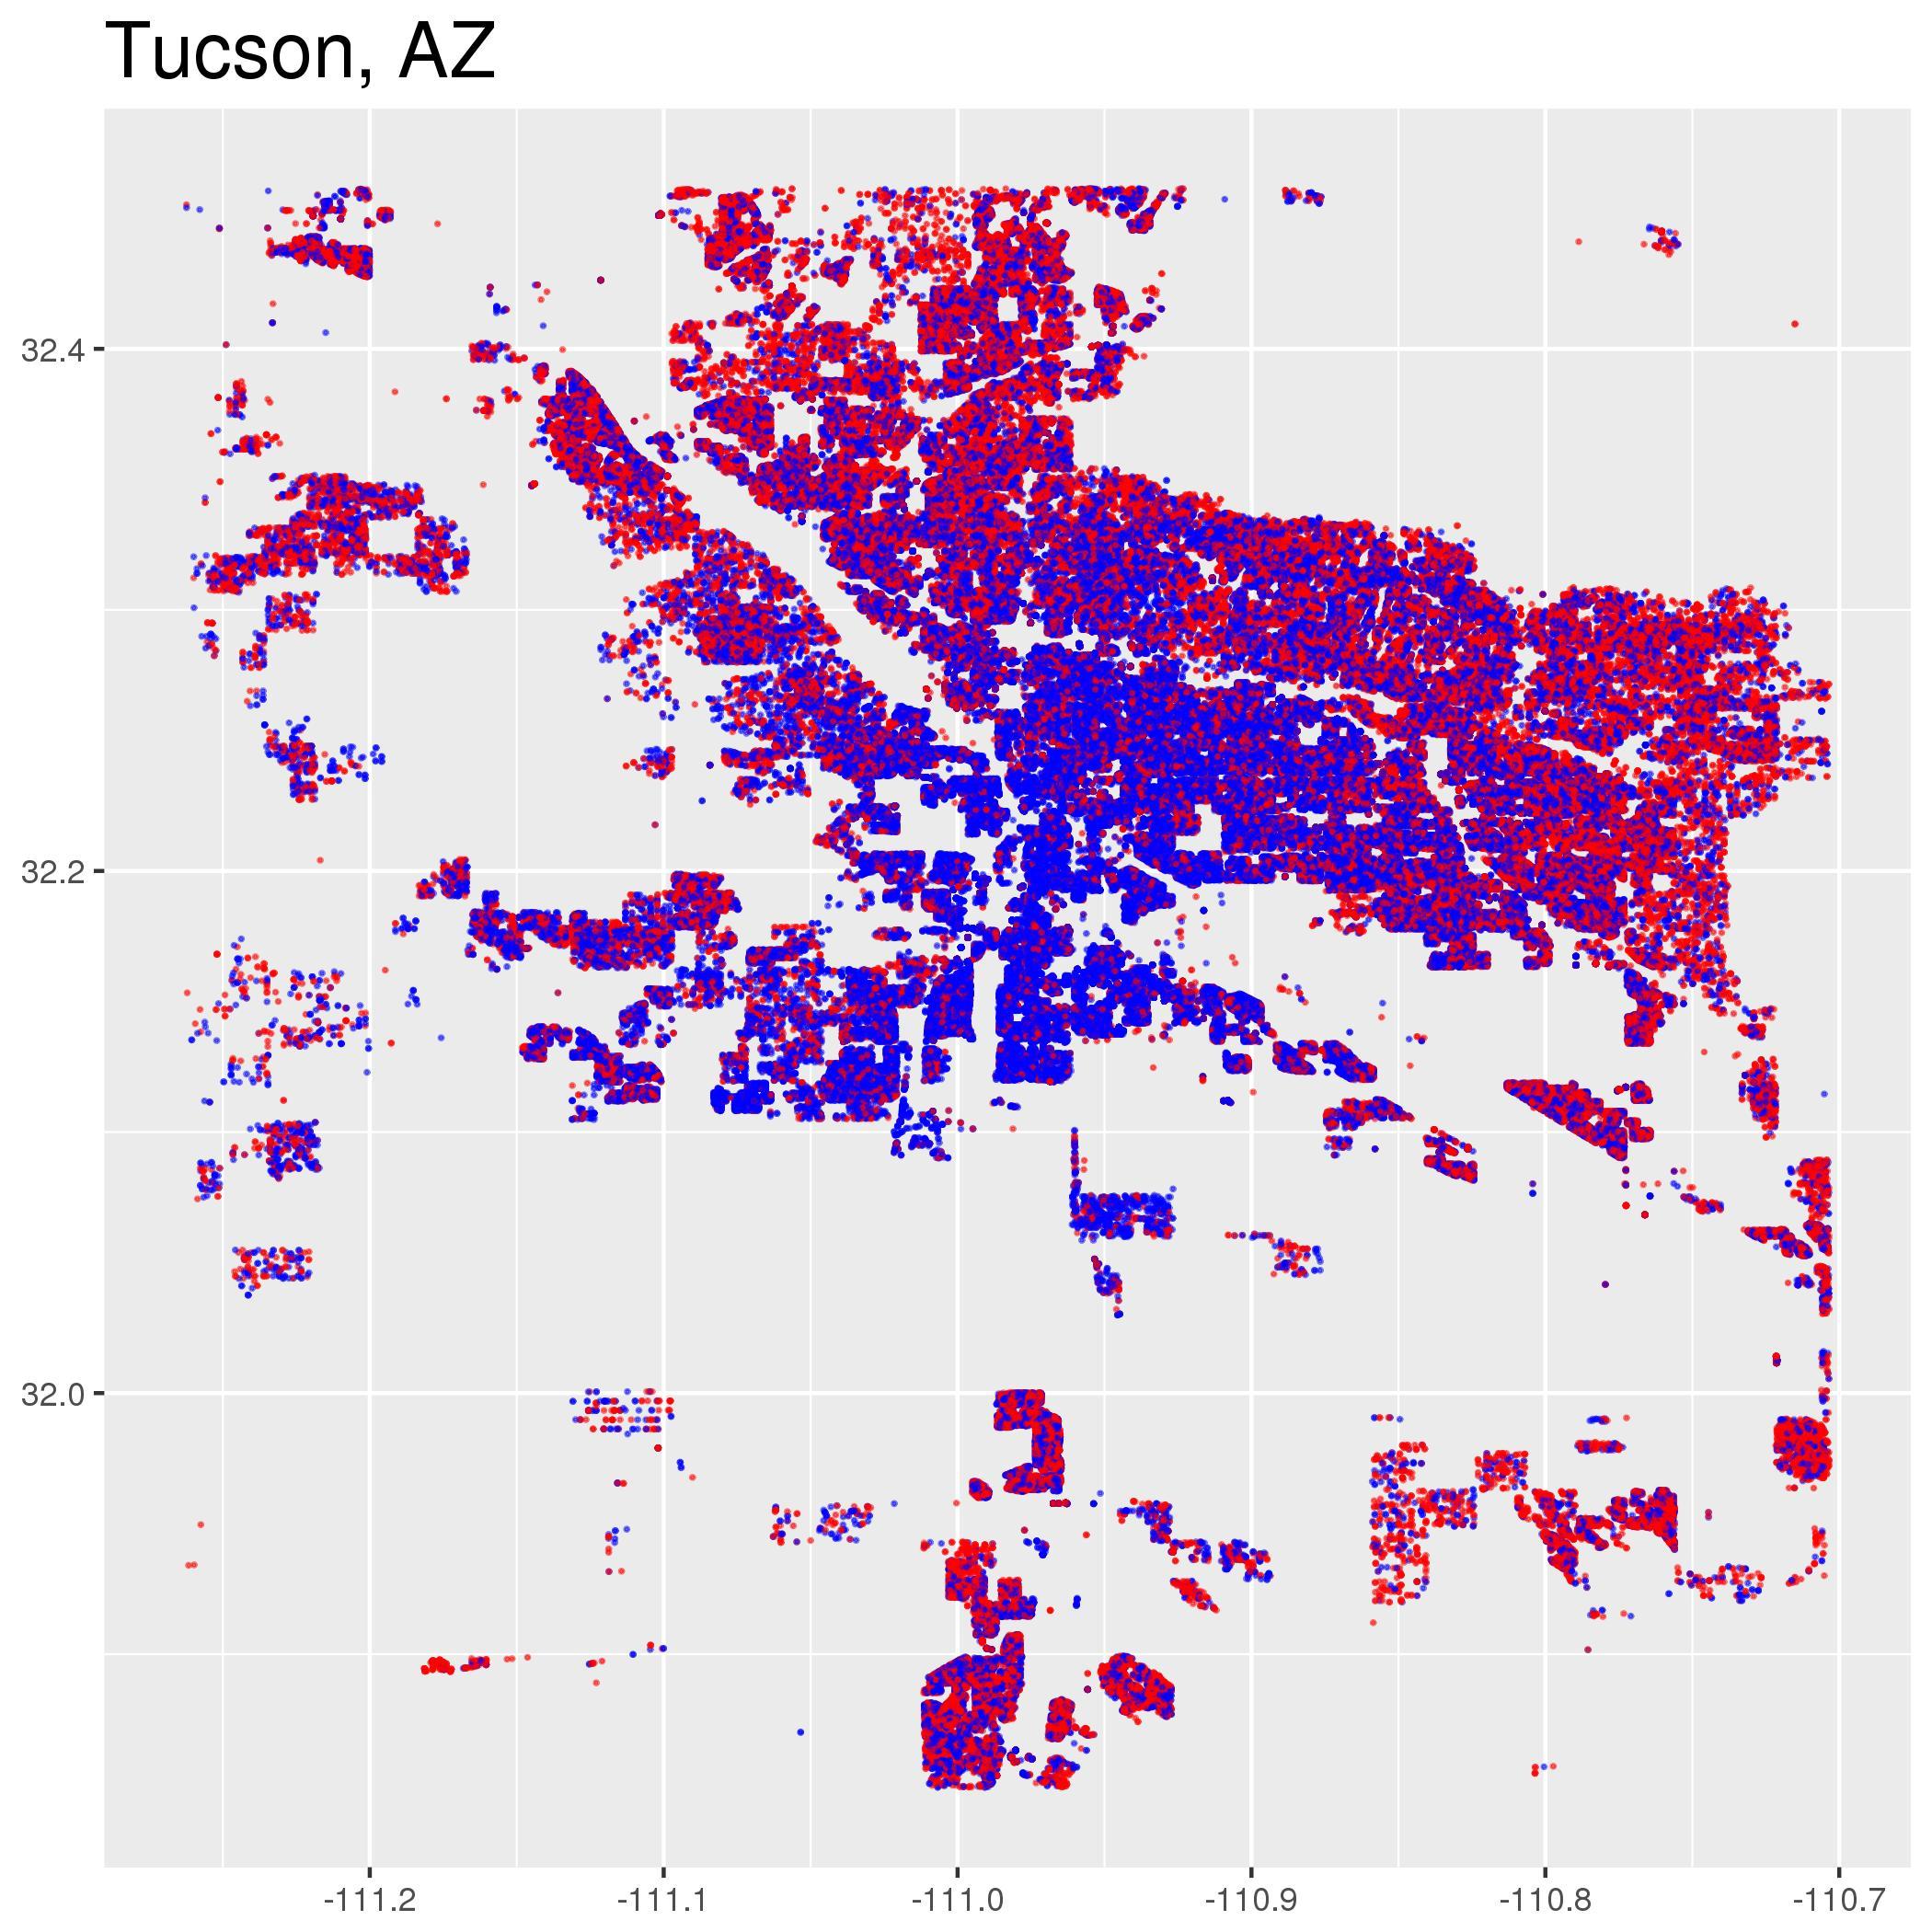 TucsonAZ.jpeg